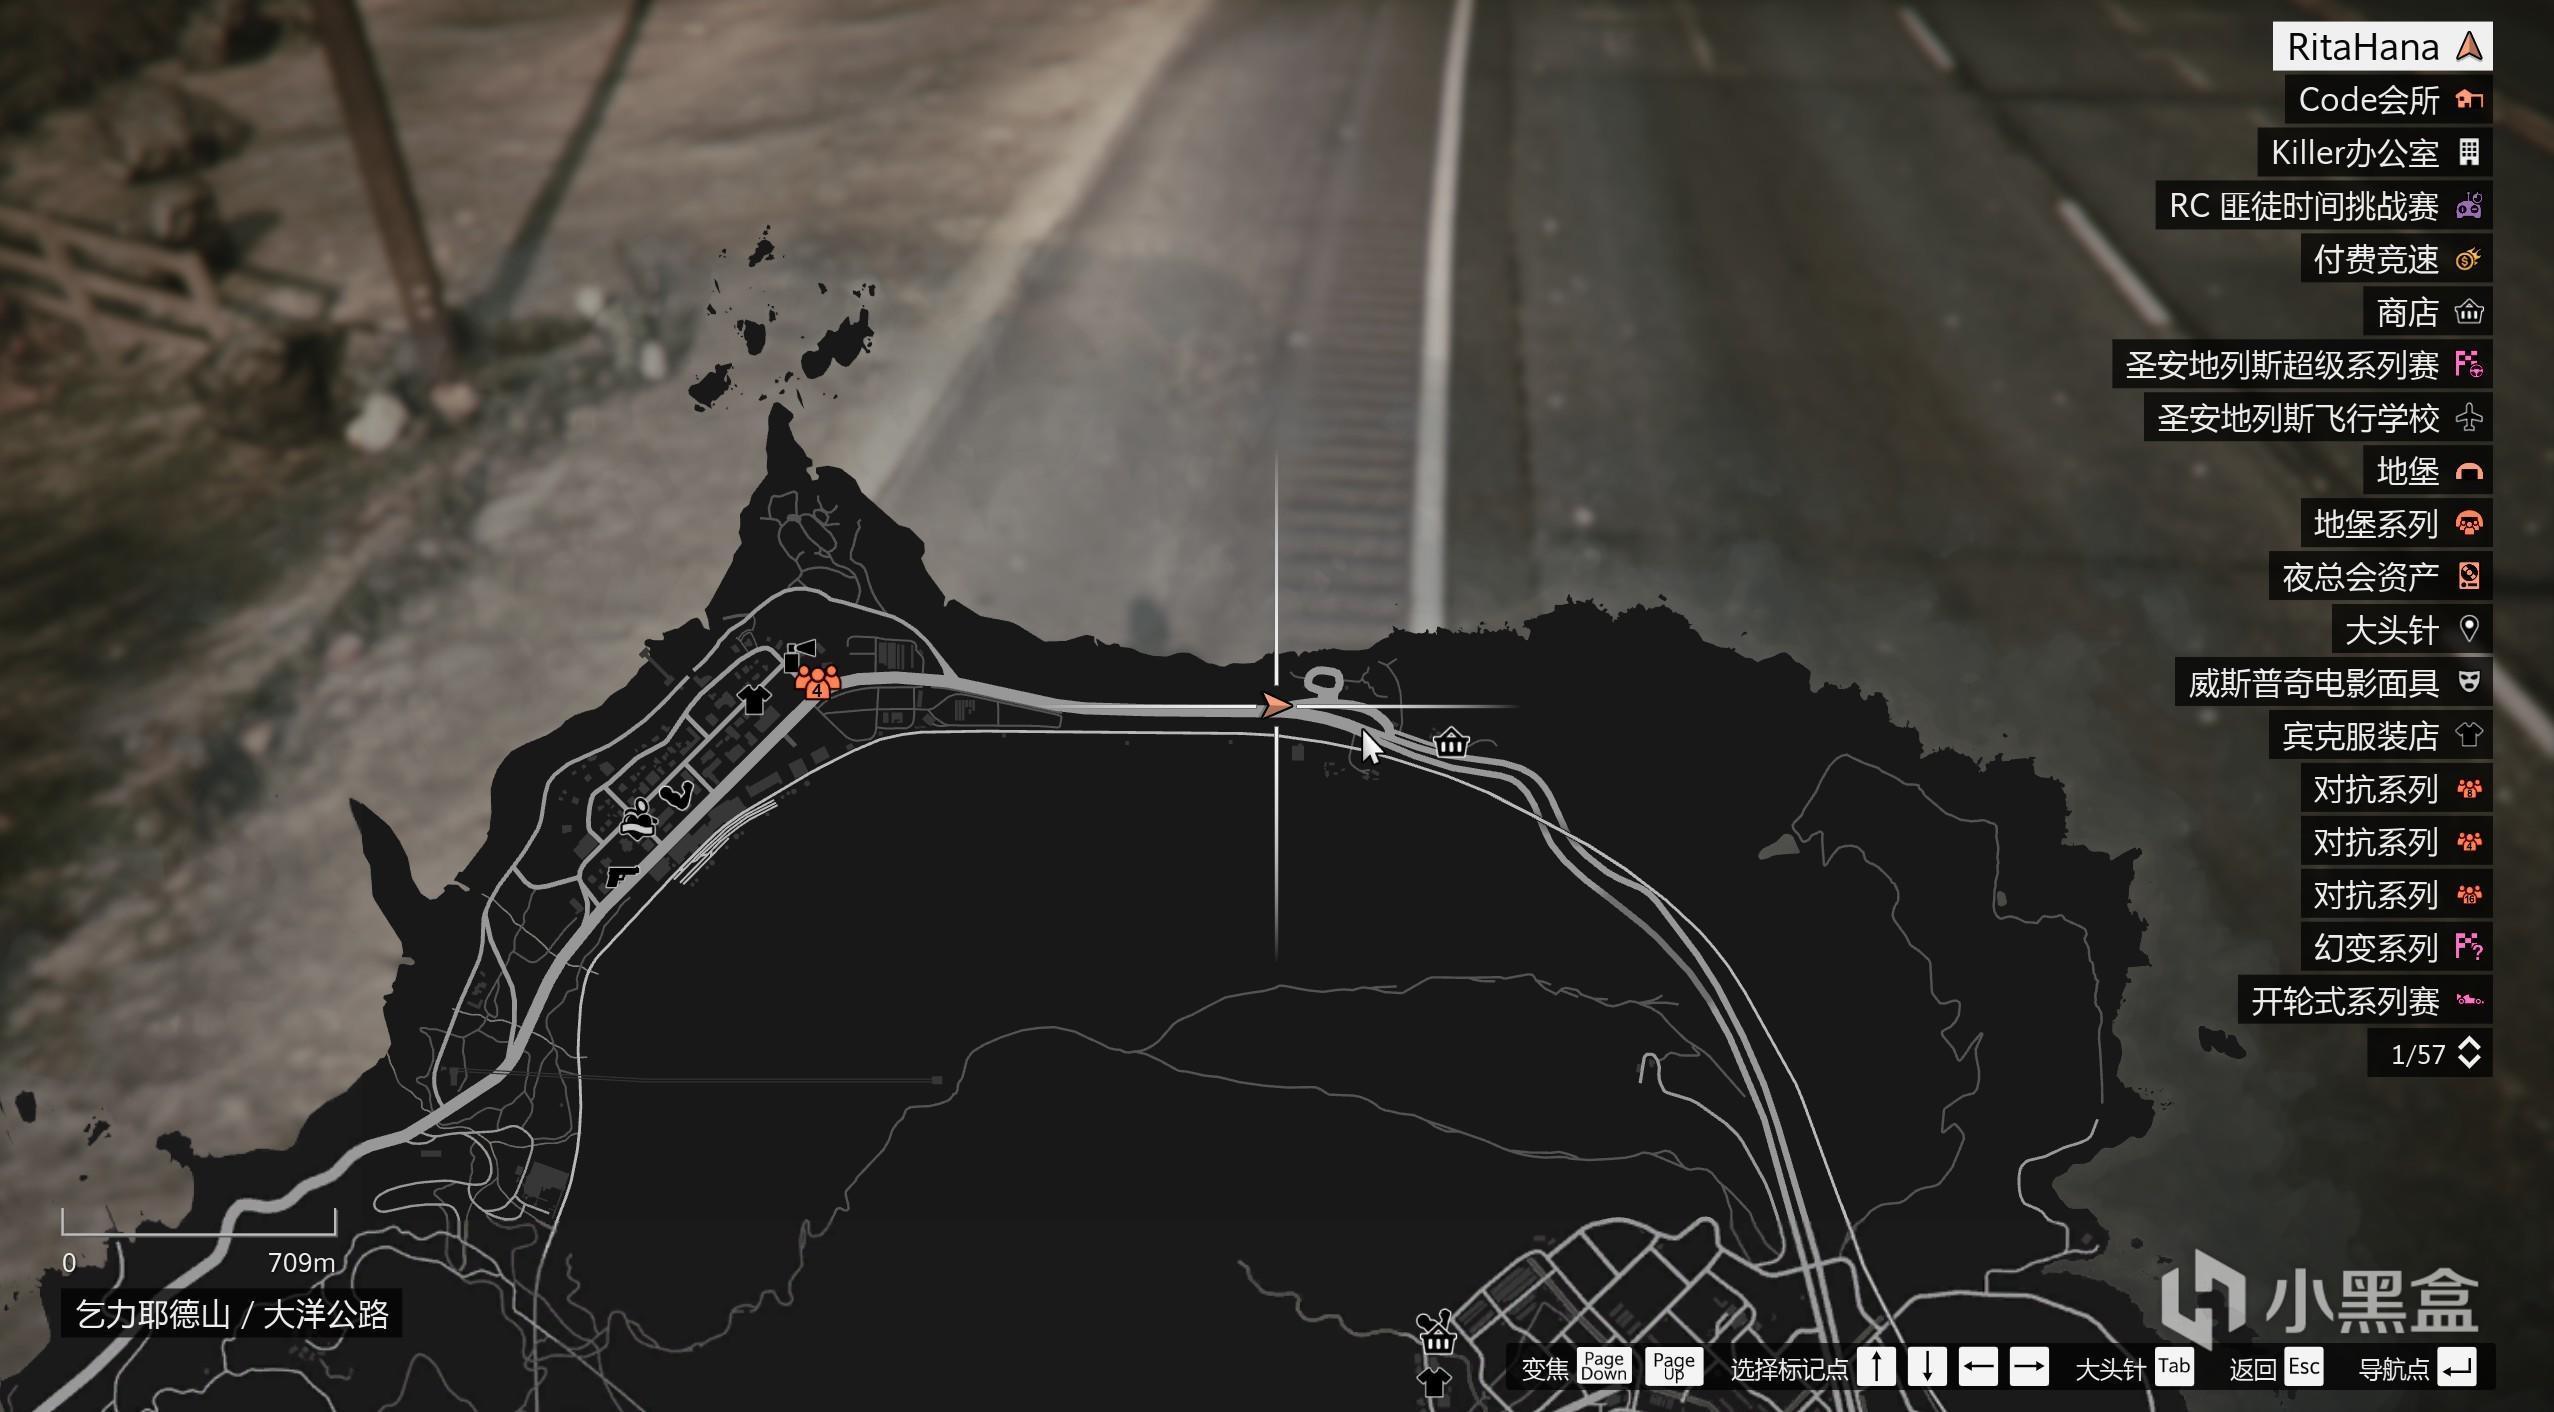 GTA5所罗门电影道具全收集插图35